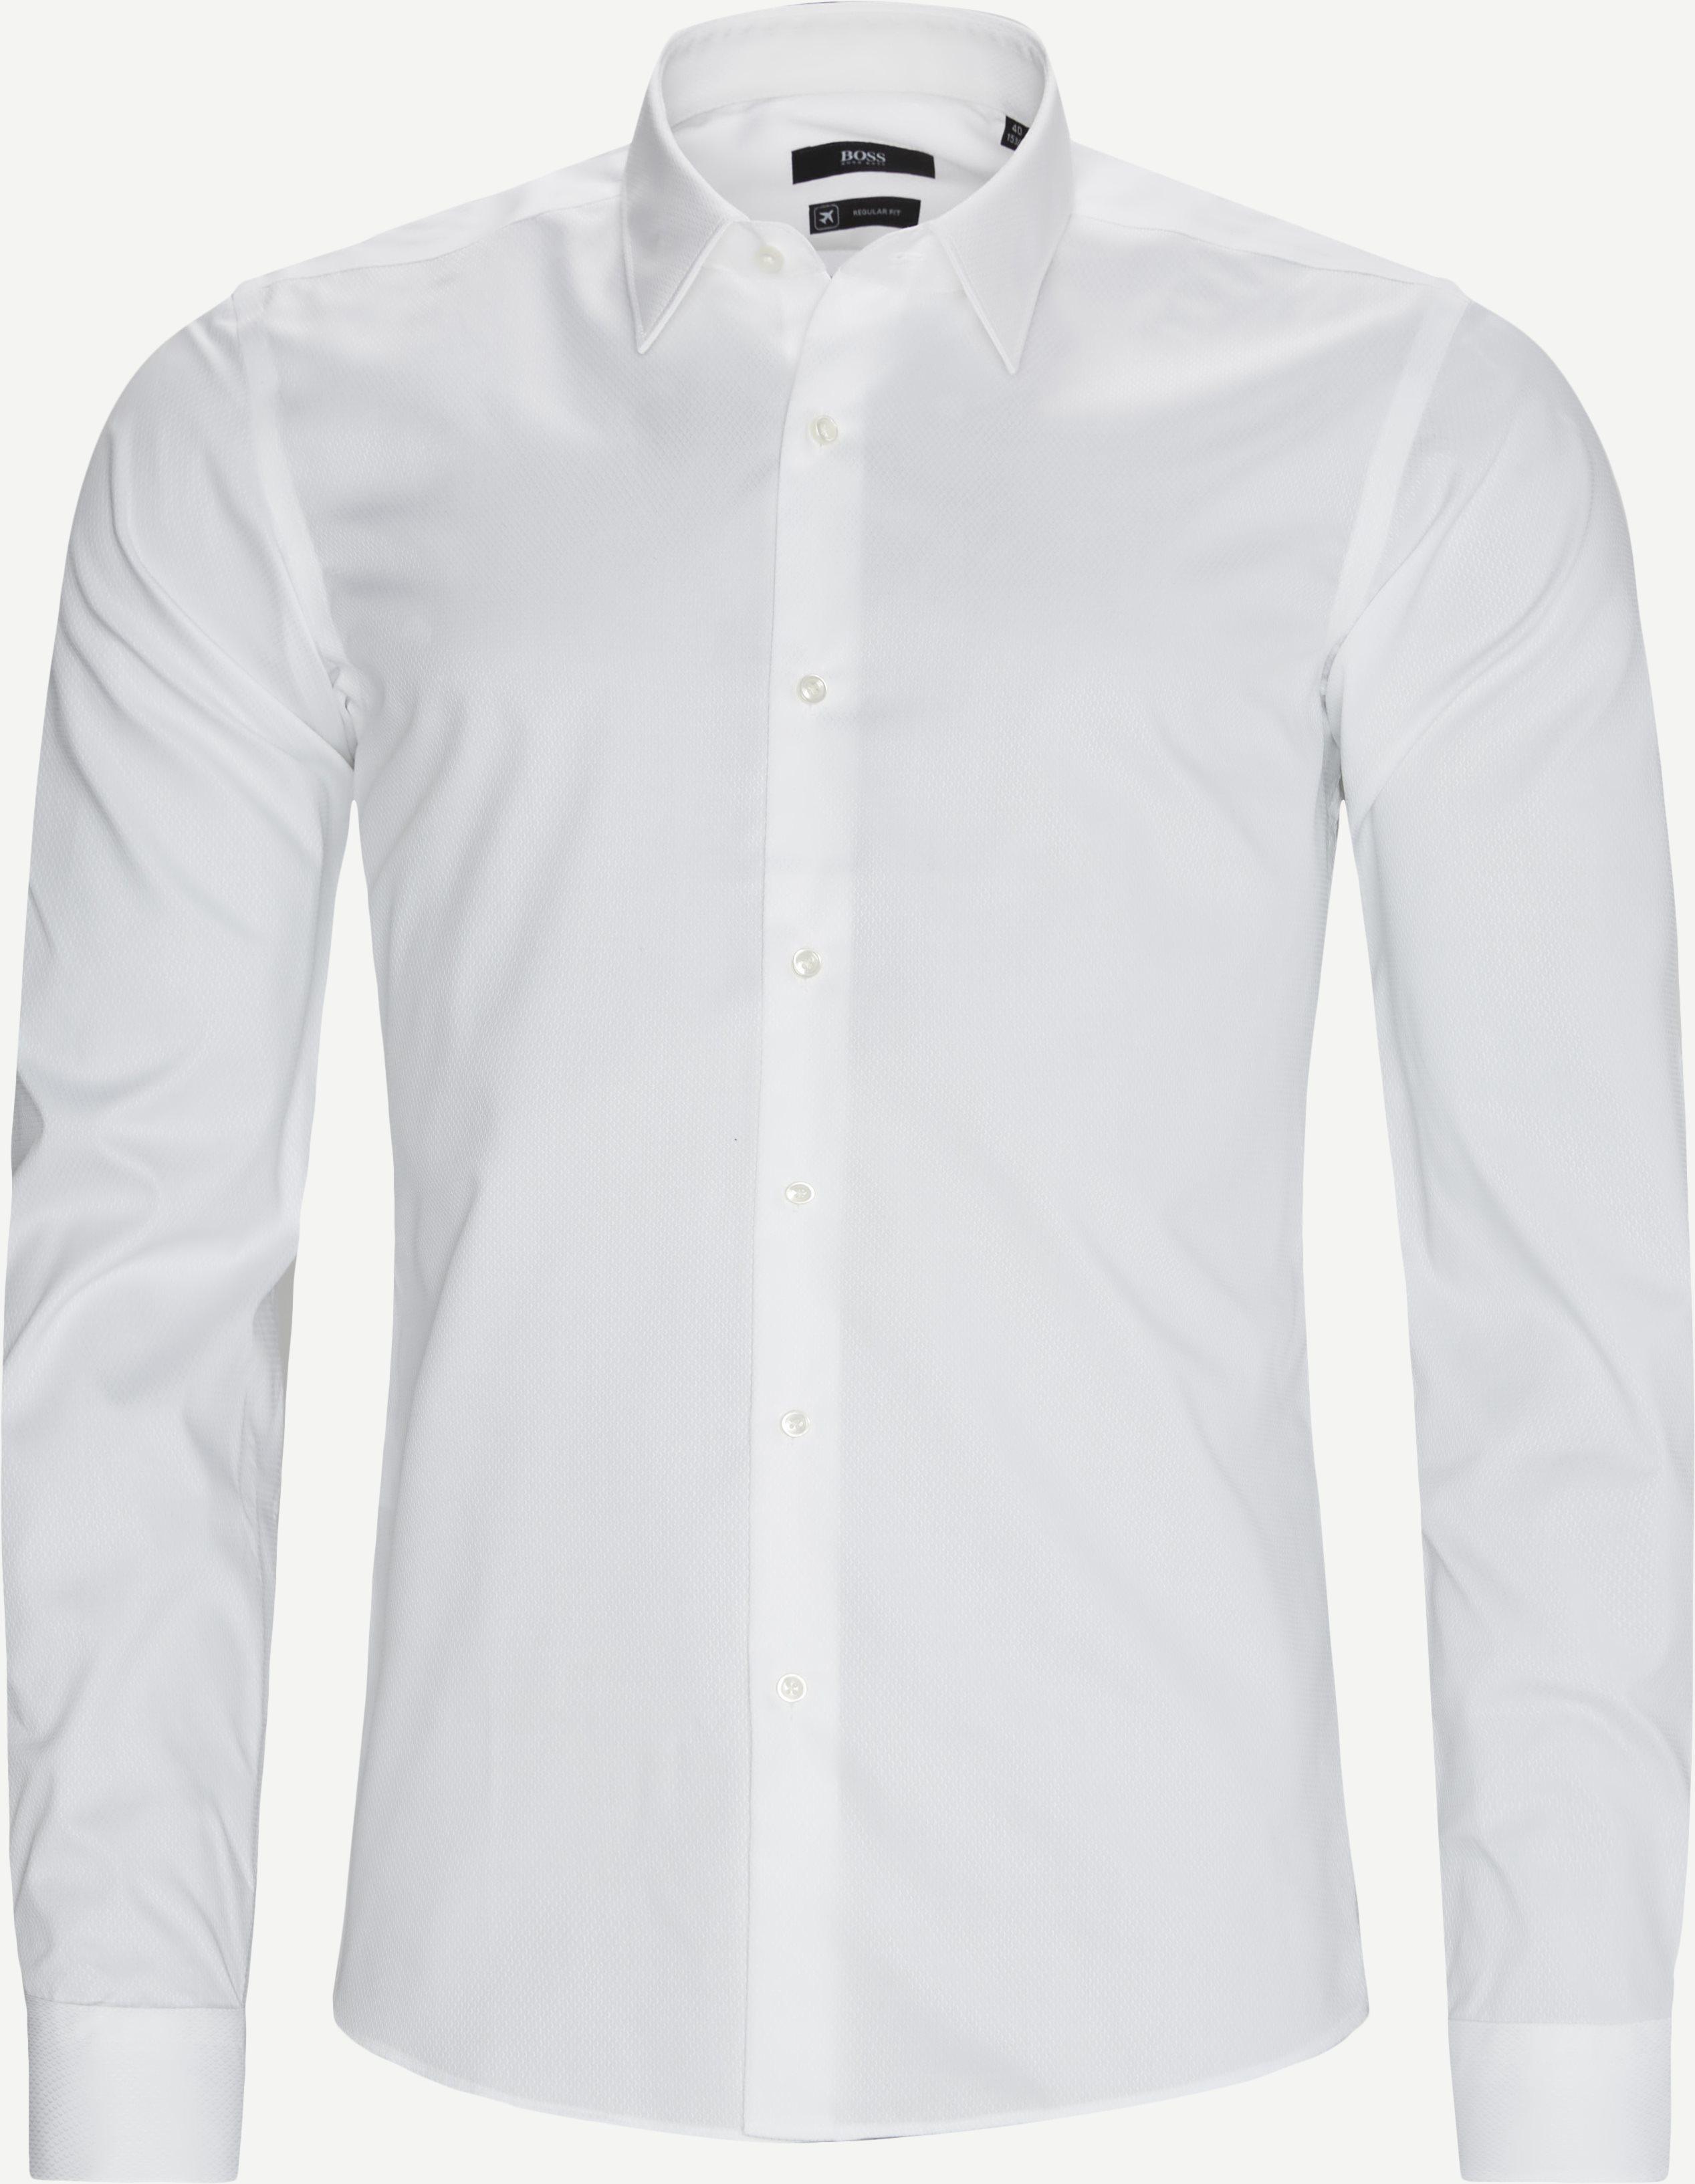 Elliot Skjorte - Skjortor - Regular - Vit